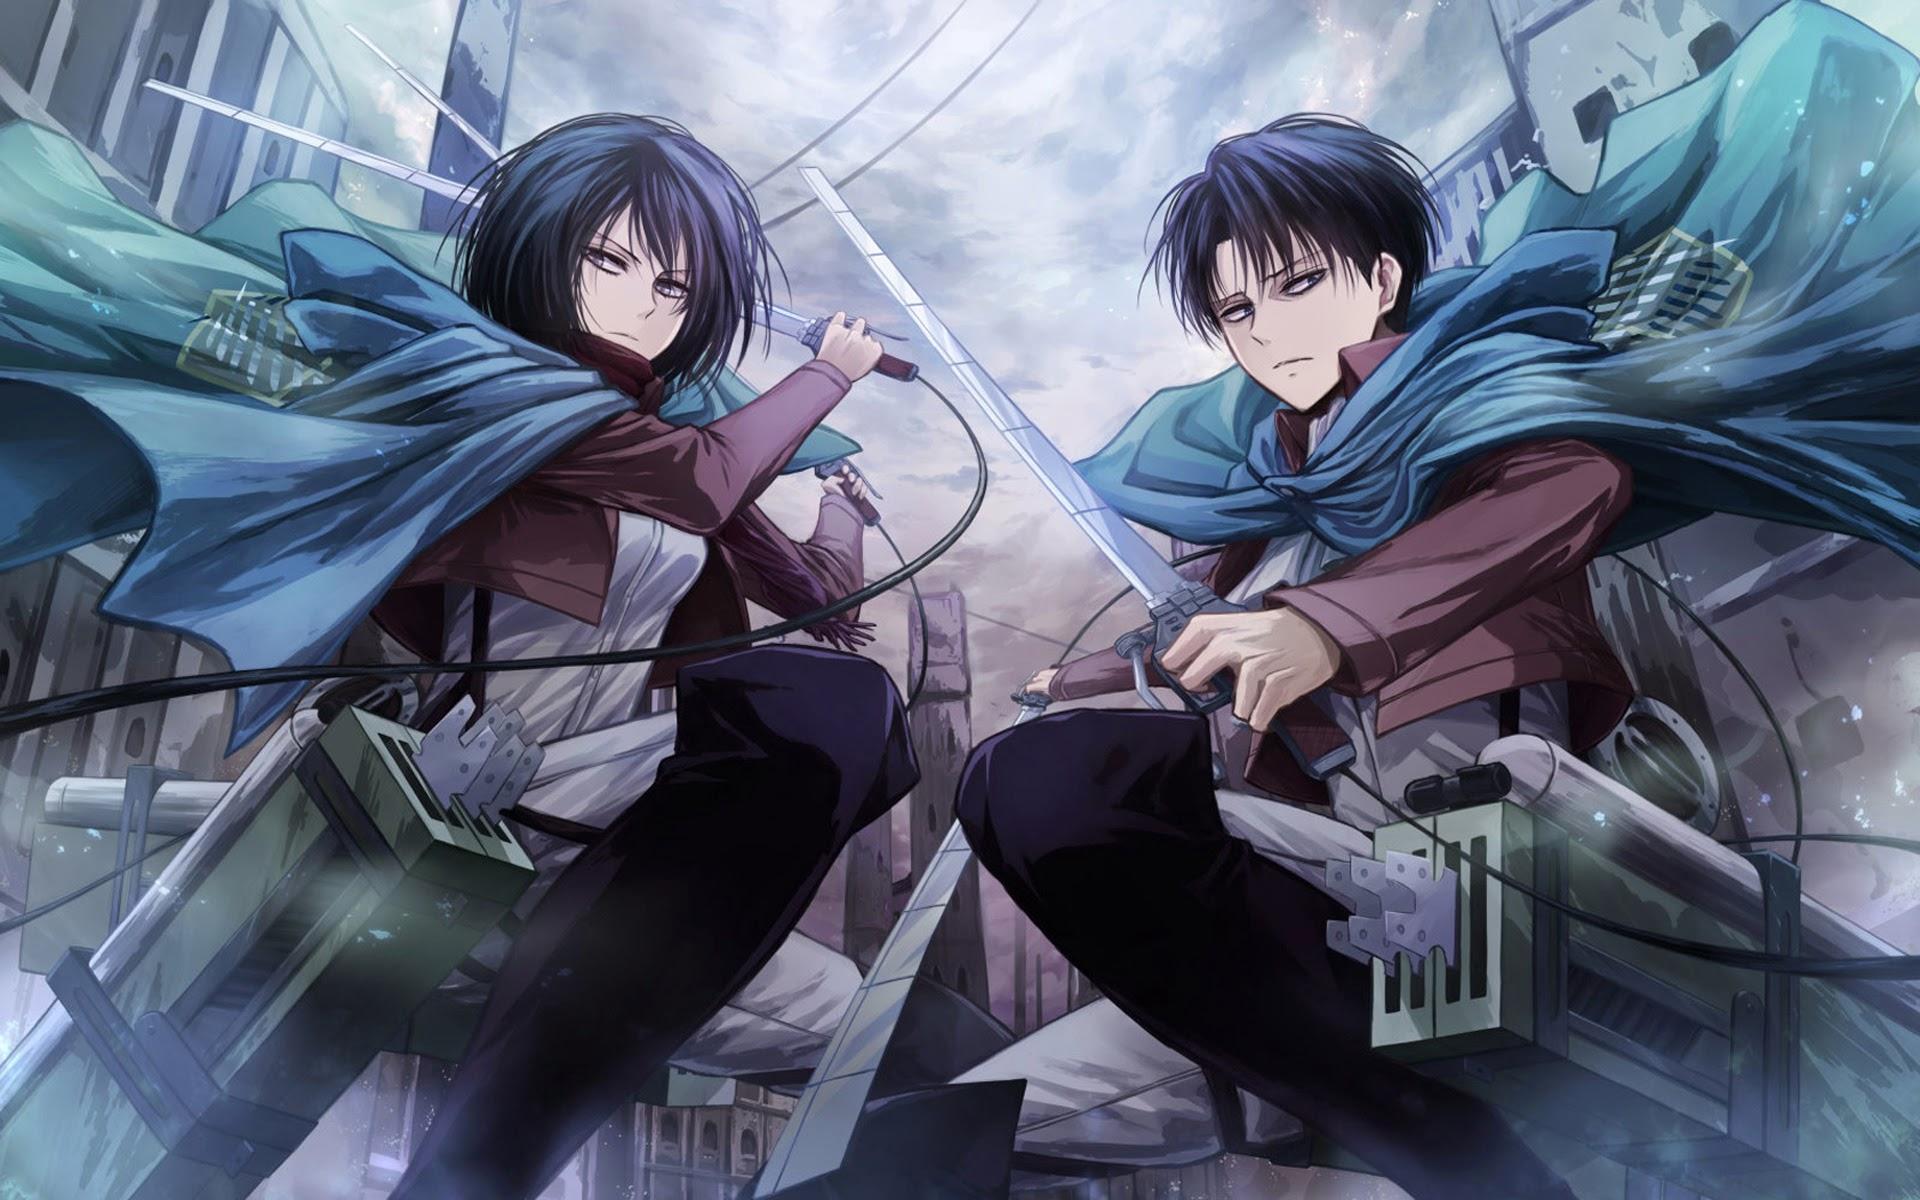 mikasa ackerman and levi anime attack on titan shingeki no kyojin 1920x1200